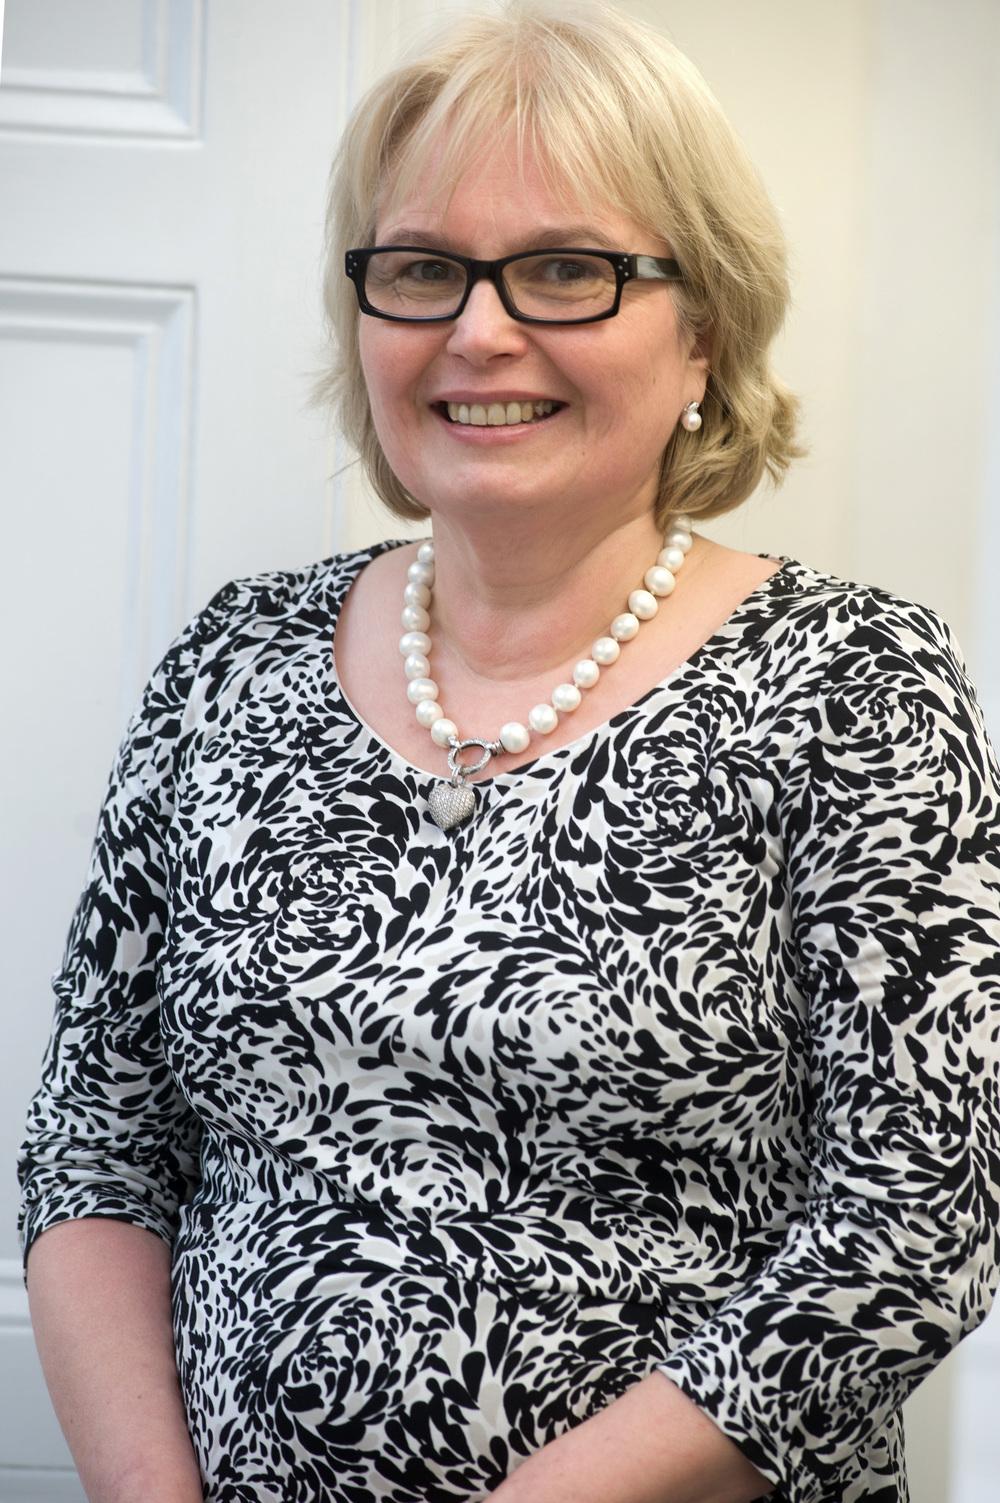 Julie Shipley